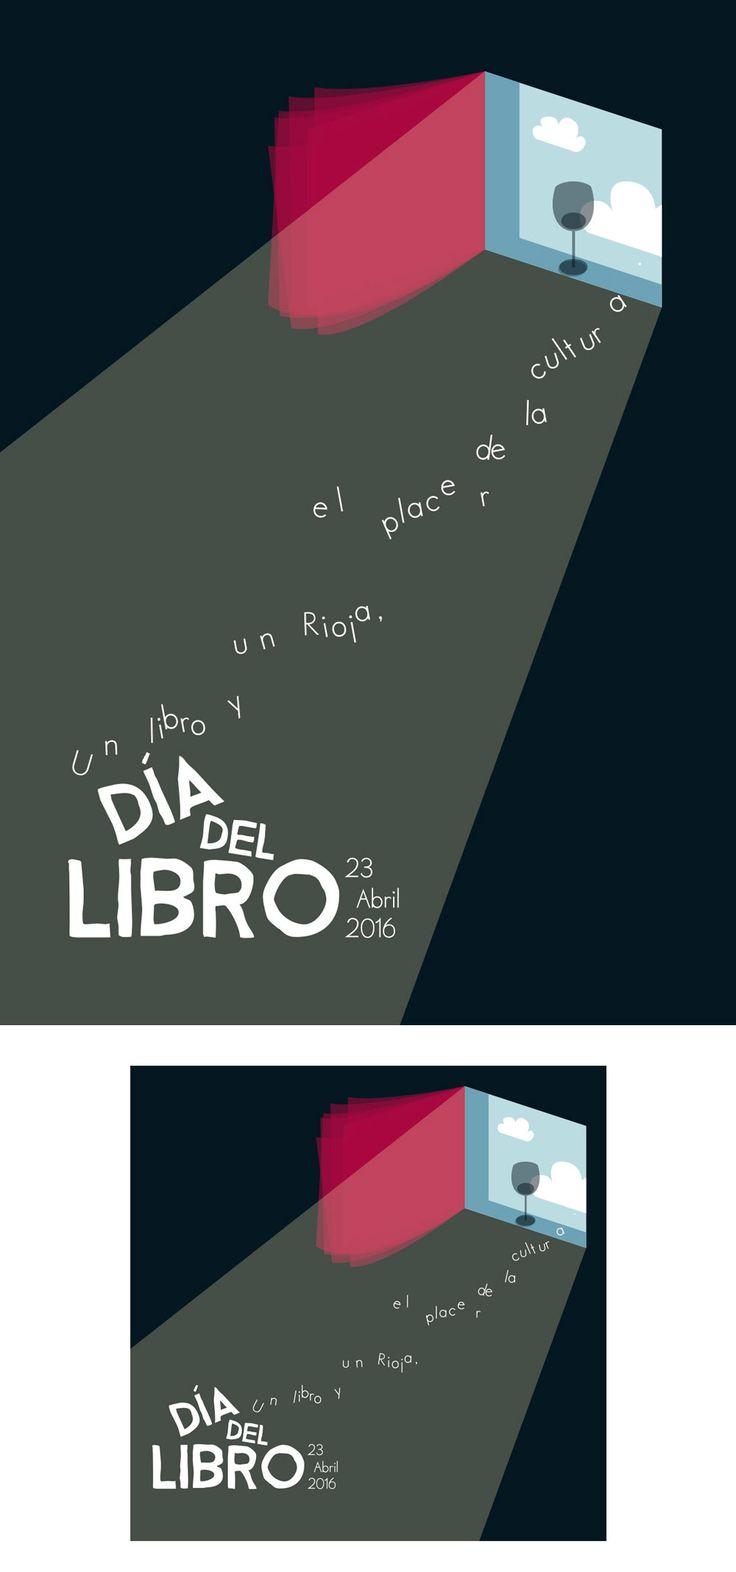 Día del Libro. La Rioja, 2016.